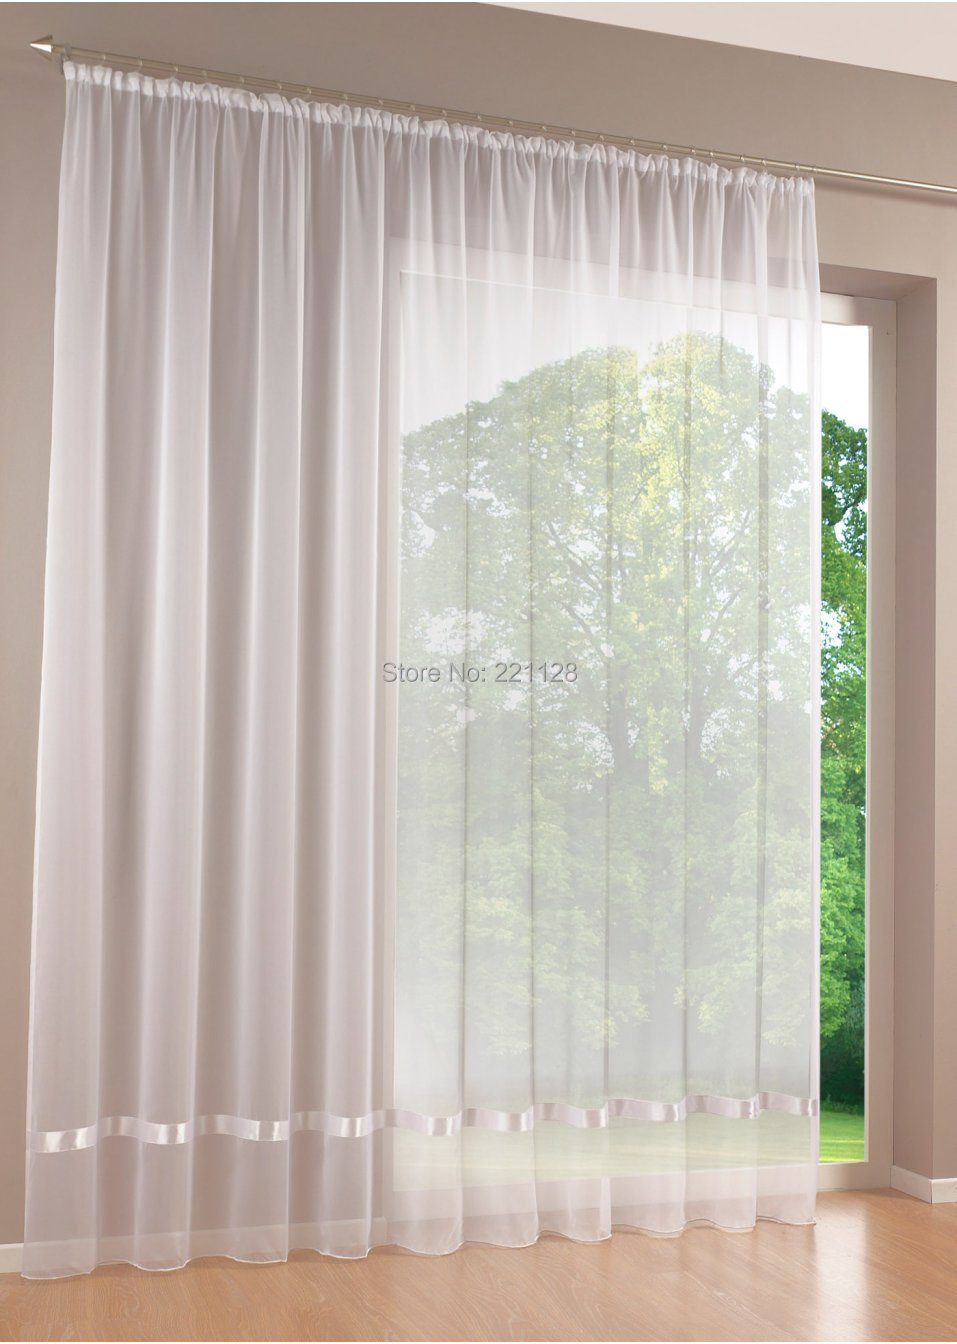 acheter qualit blanc fen tre tous les match crans rideau tulle pure curtian. Black Bedroom Furniture Sets. Home Design Ideas